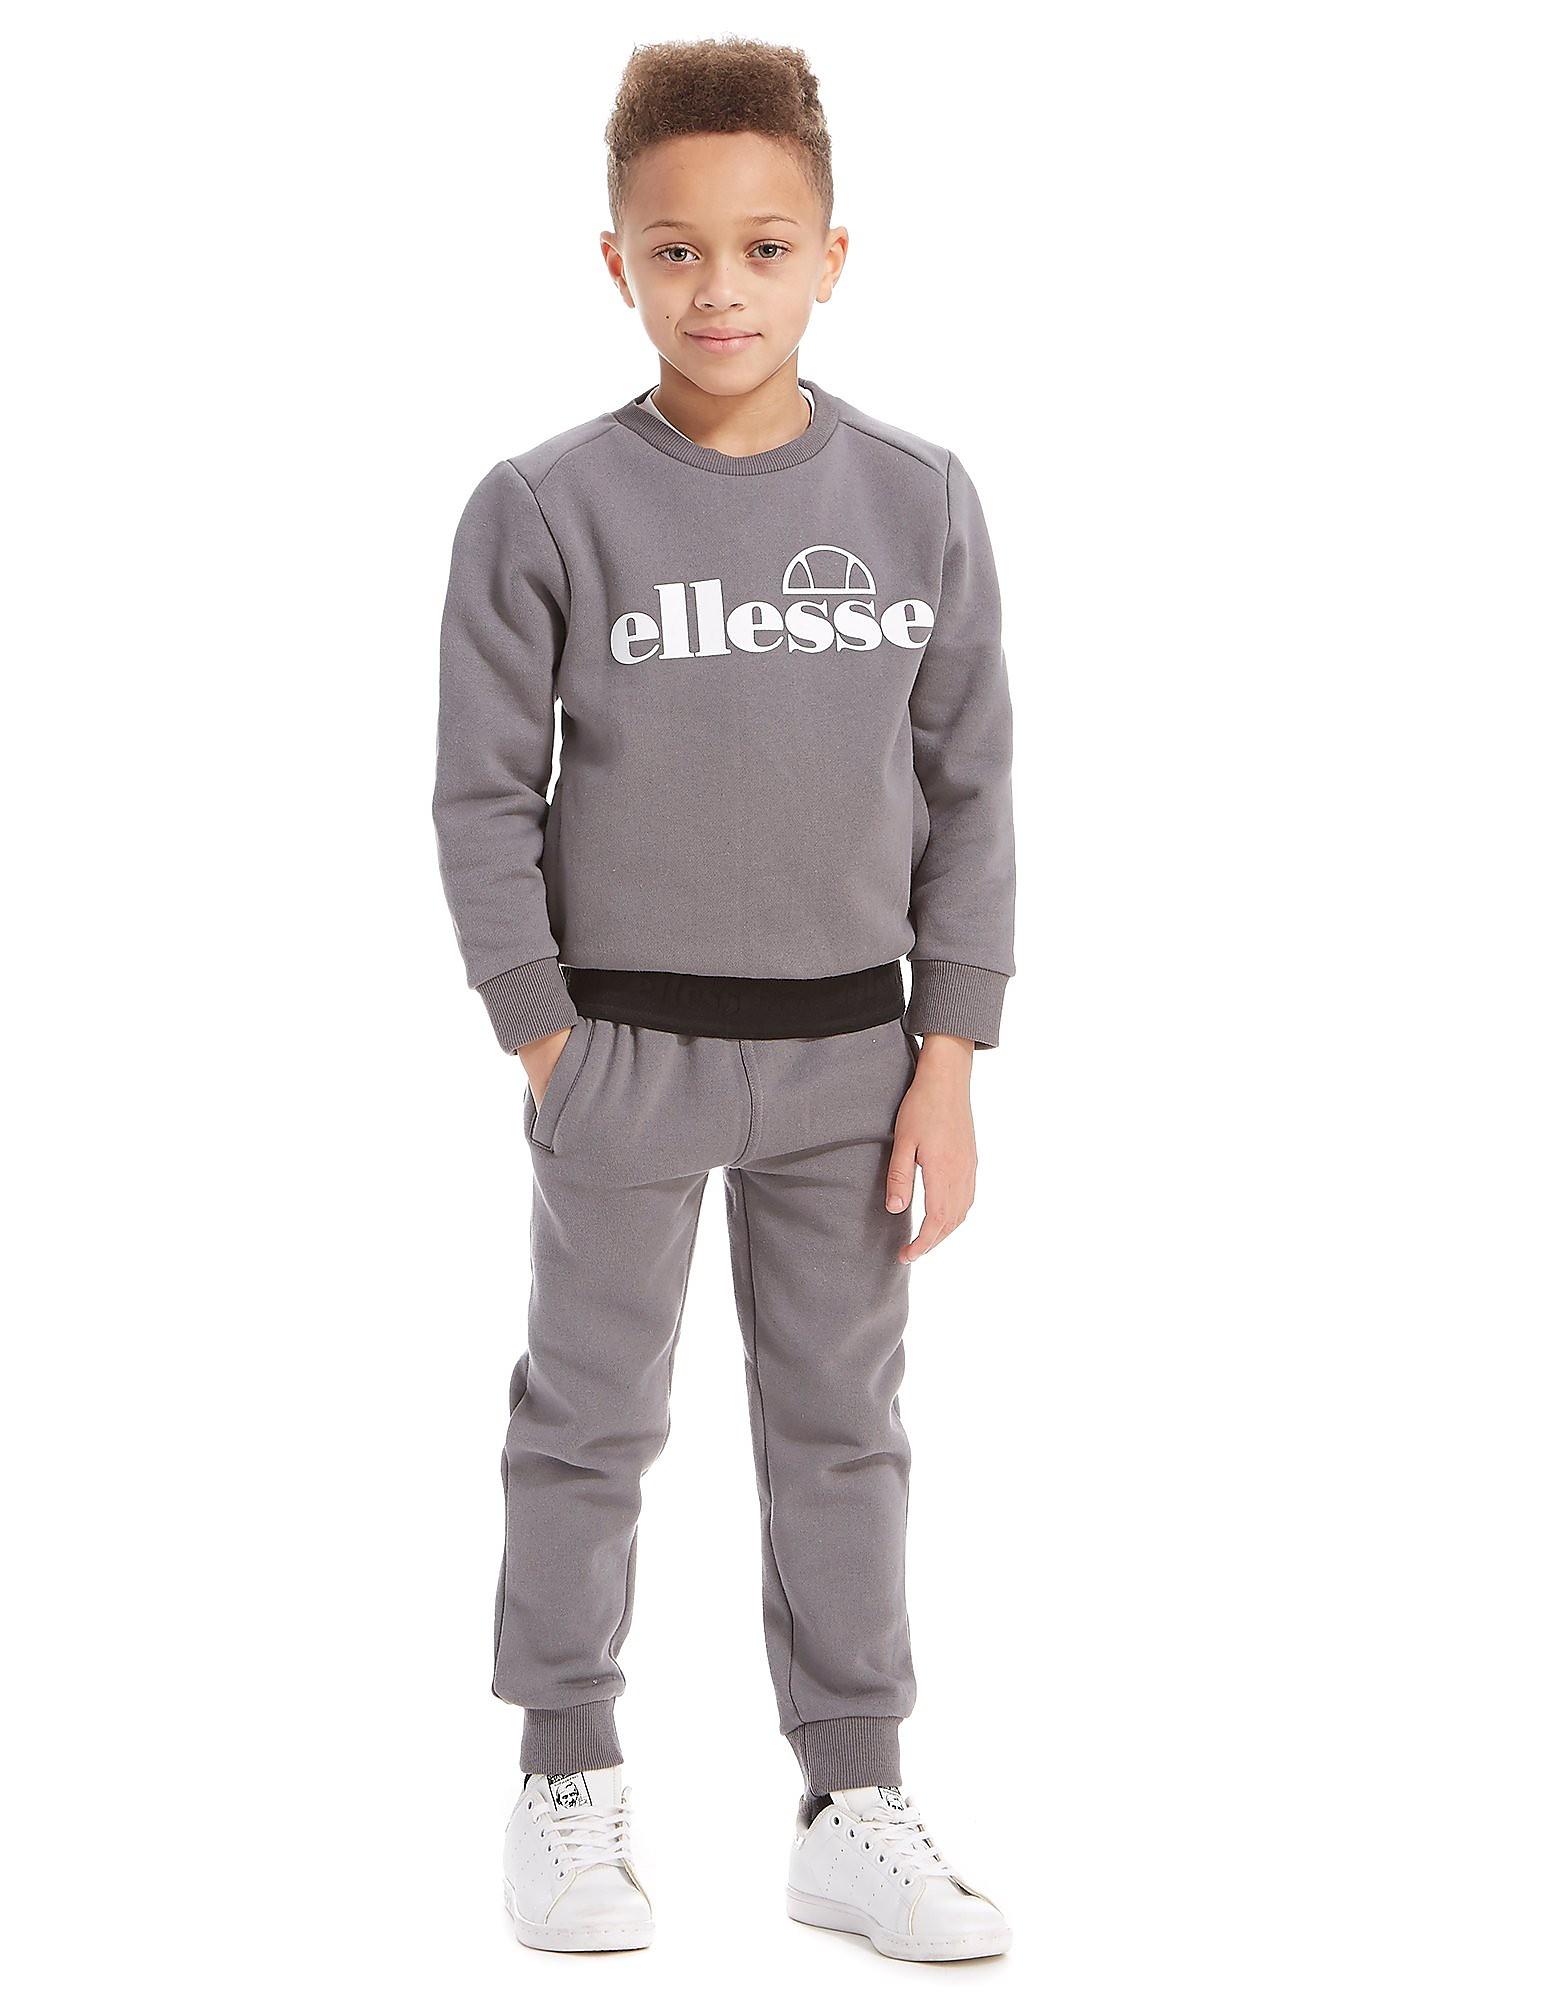 Ellesse Universo Crew Suit Children